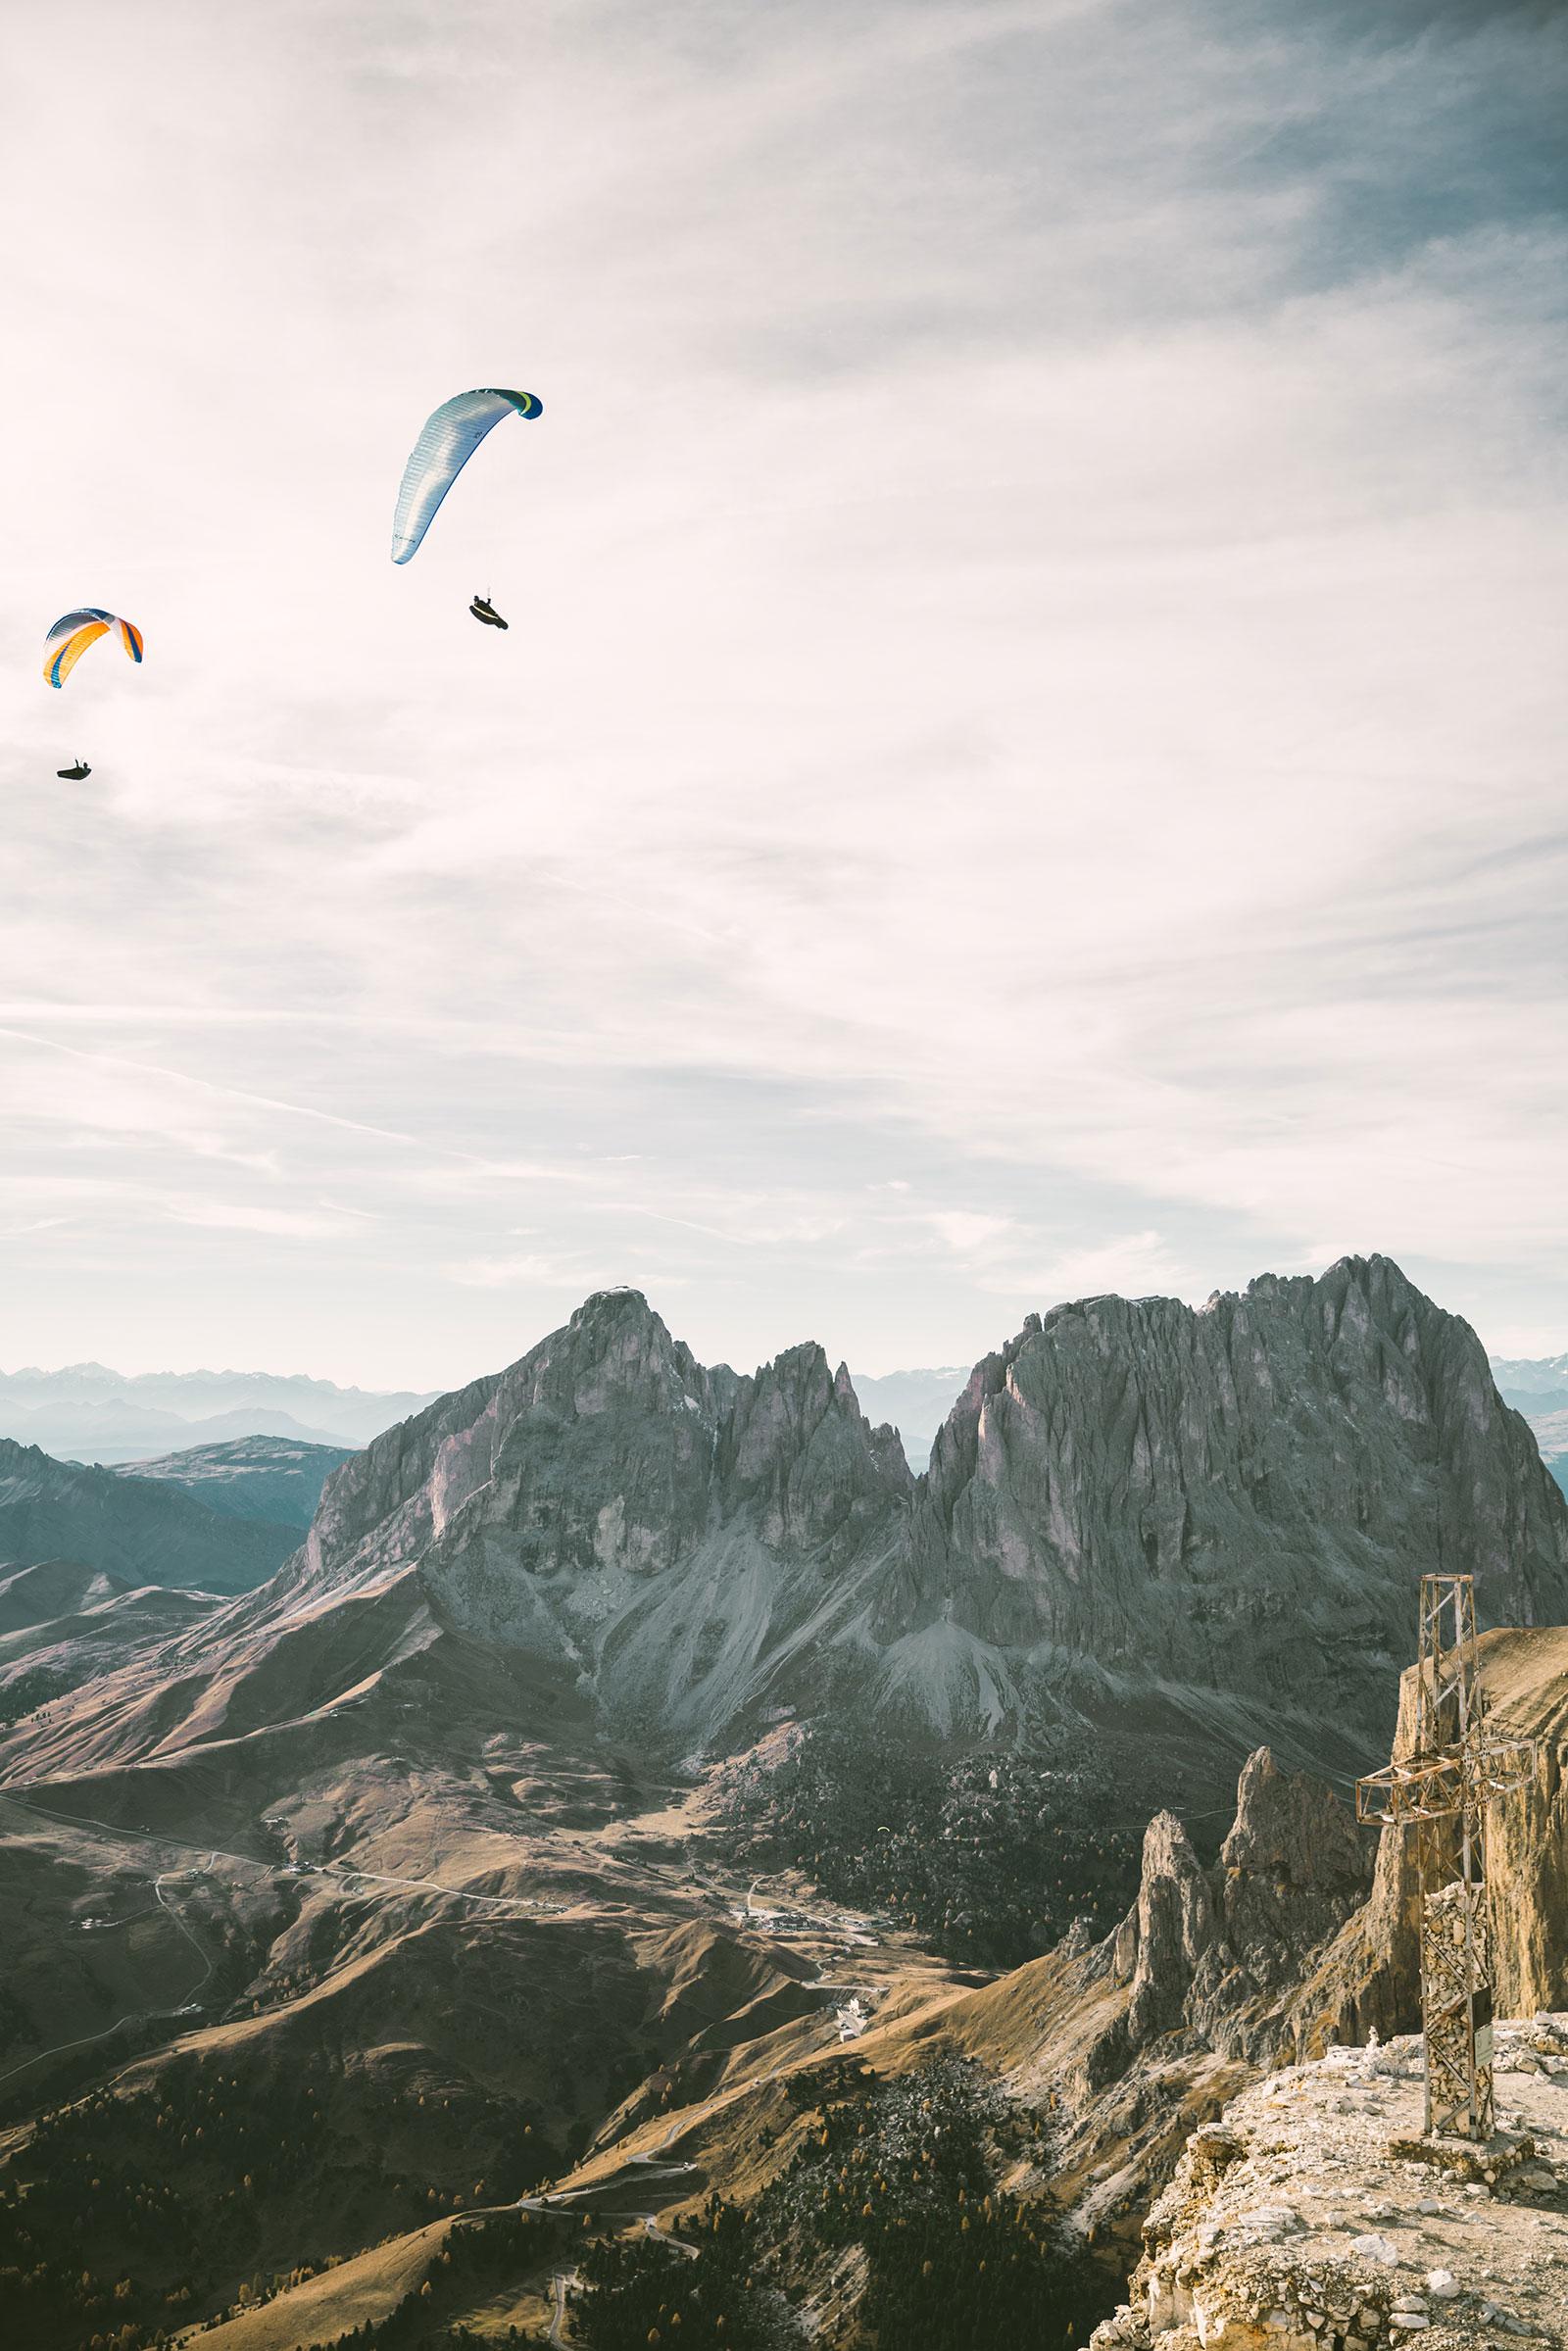 val-gardena-sass-pordoi-sass-pardoi-italy-the-dolomites-october-autumn-2017-paragliders-paragliding-mountains.jpg